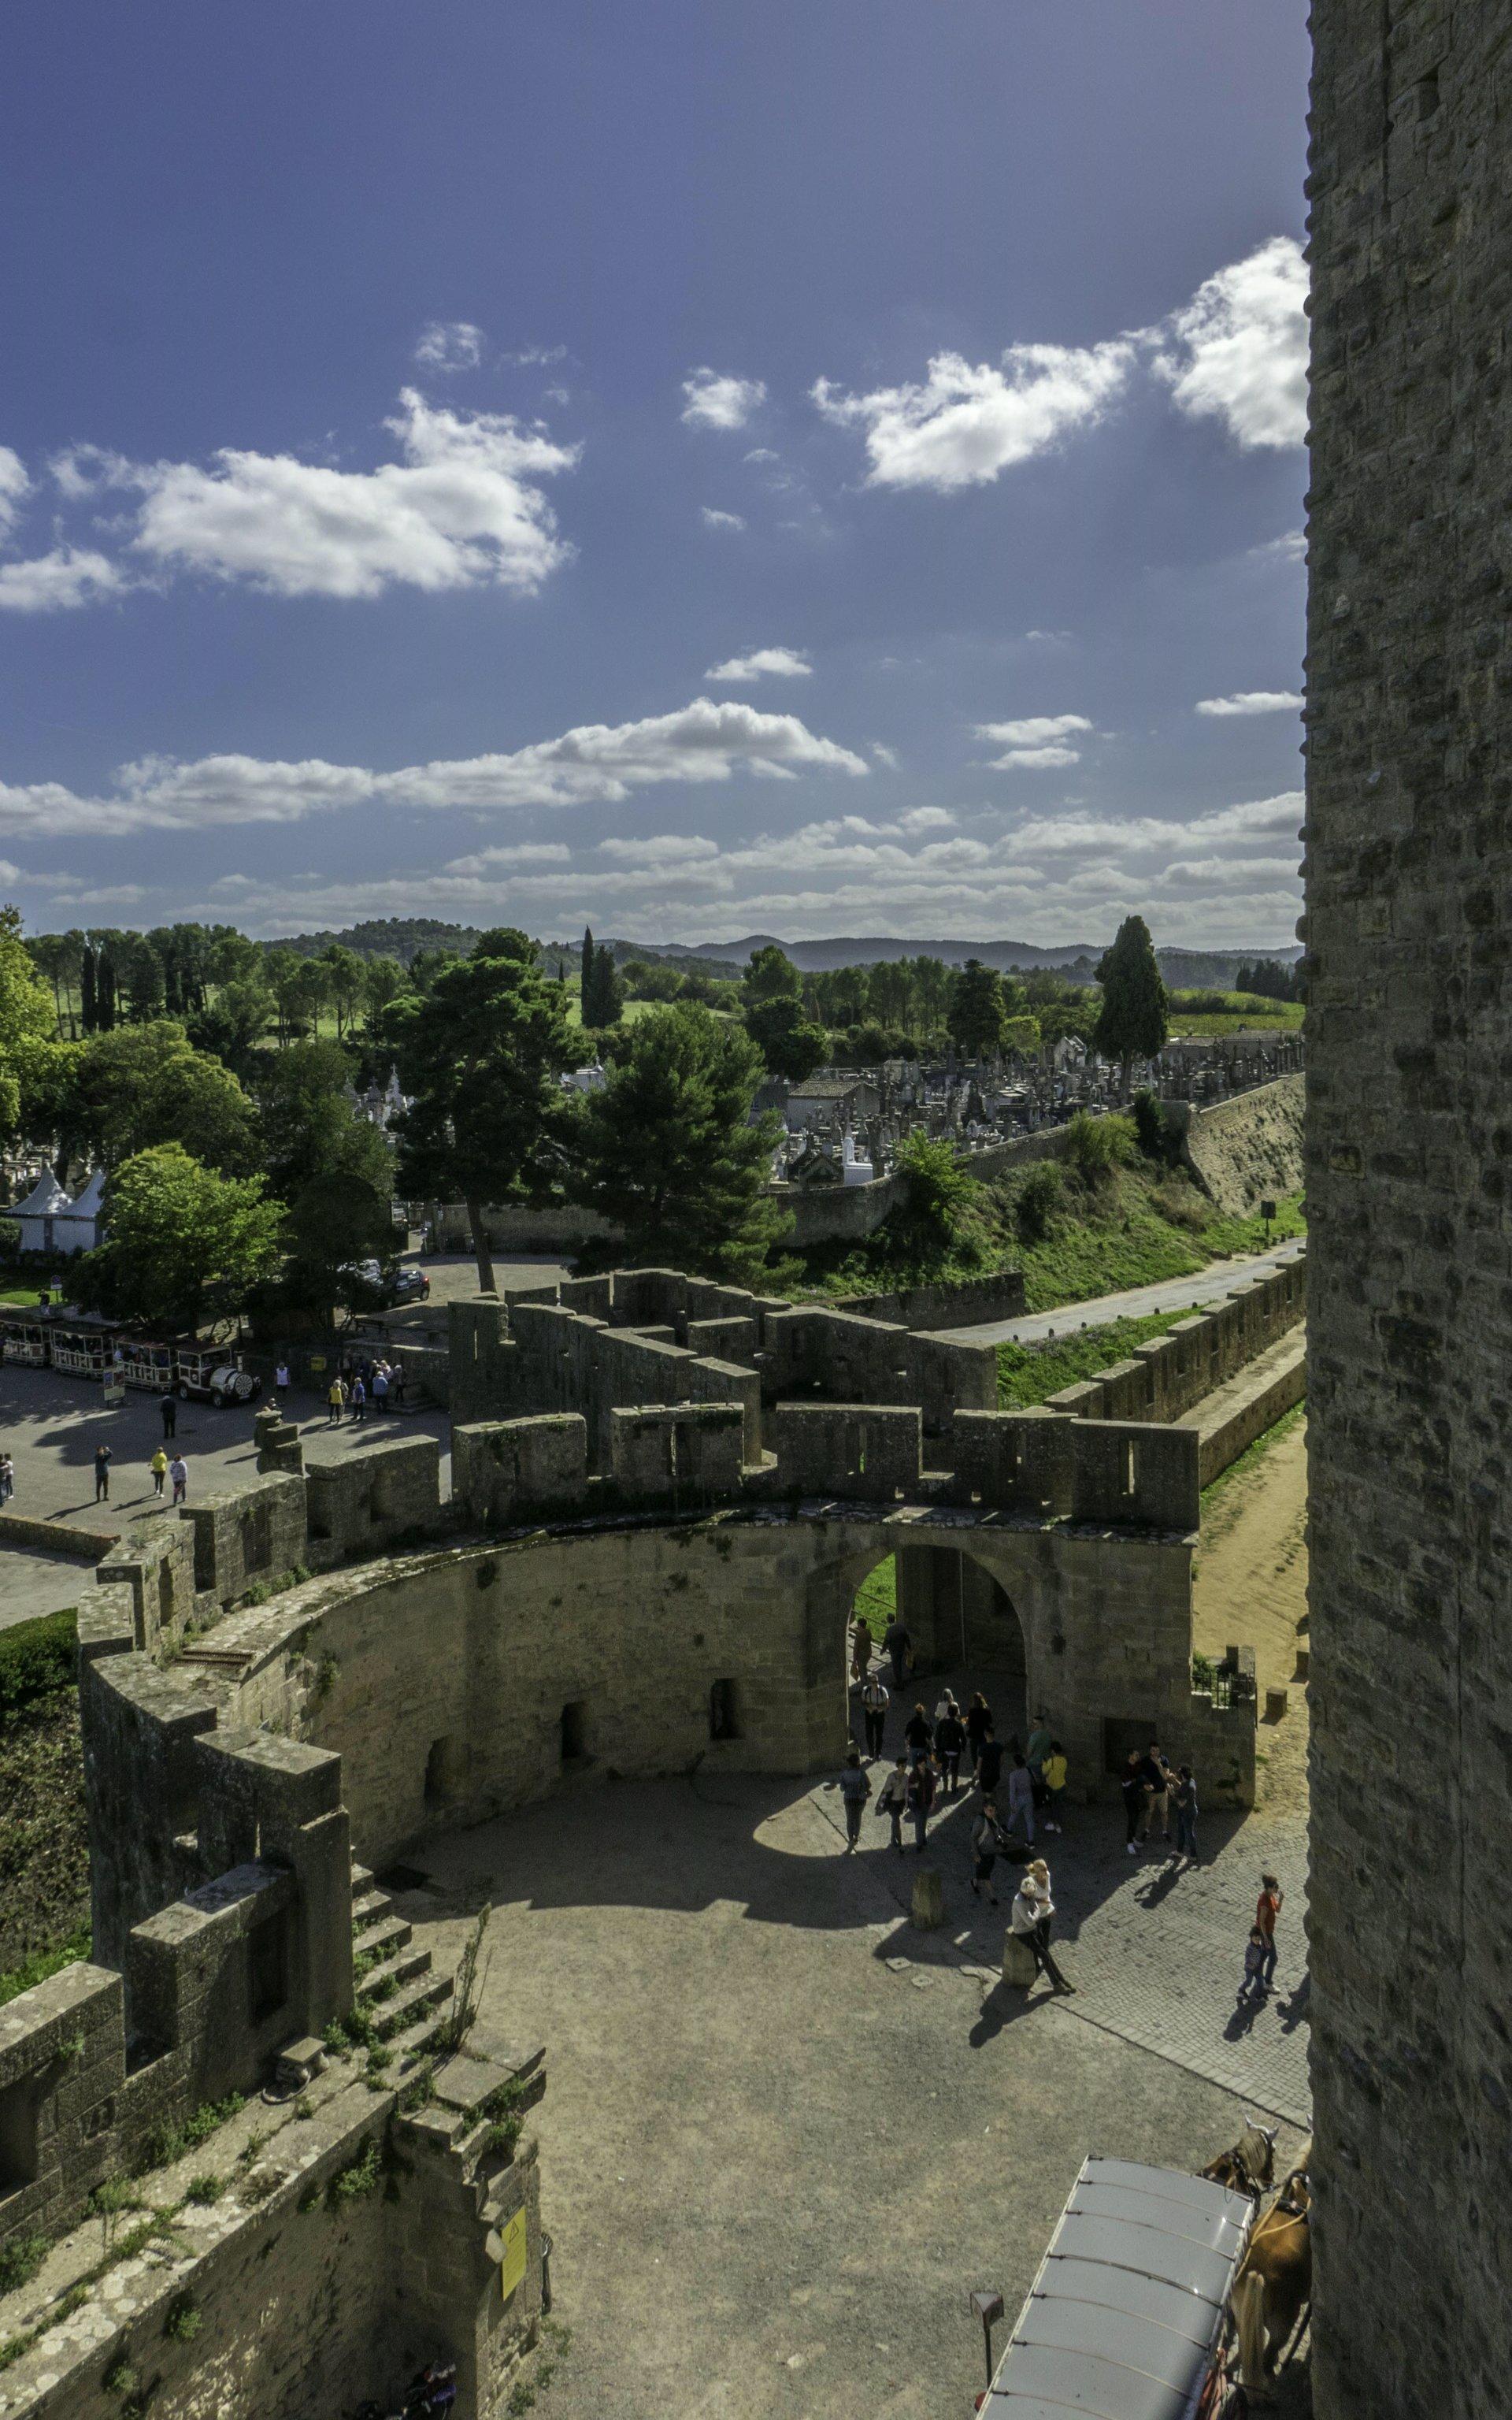 Porte Narbonnaise der Cité Carcassonne